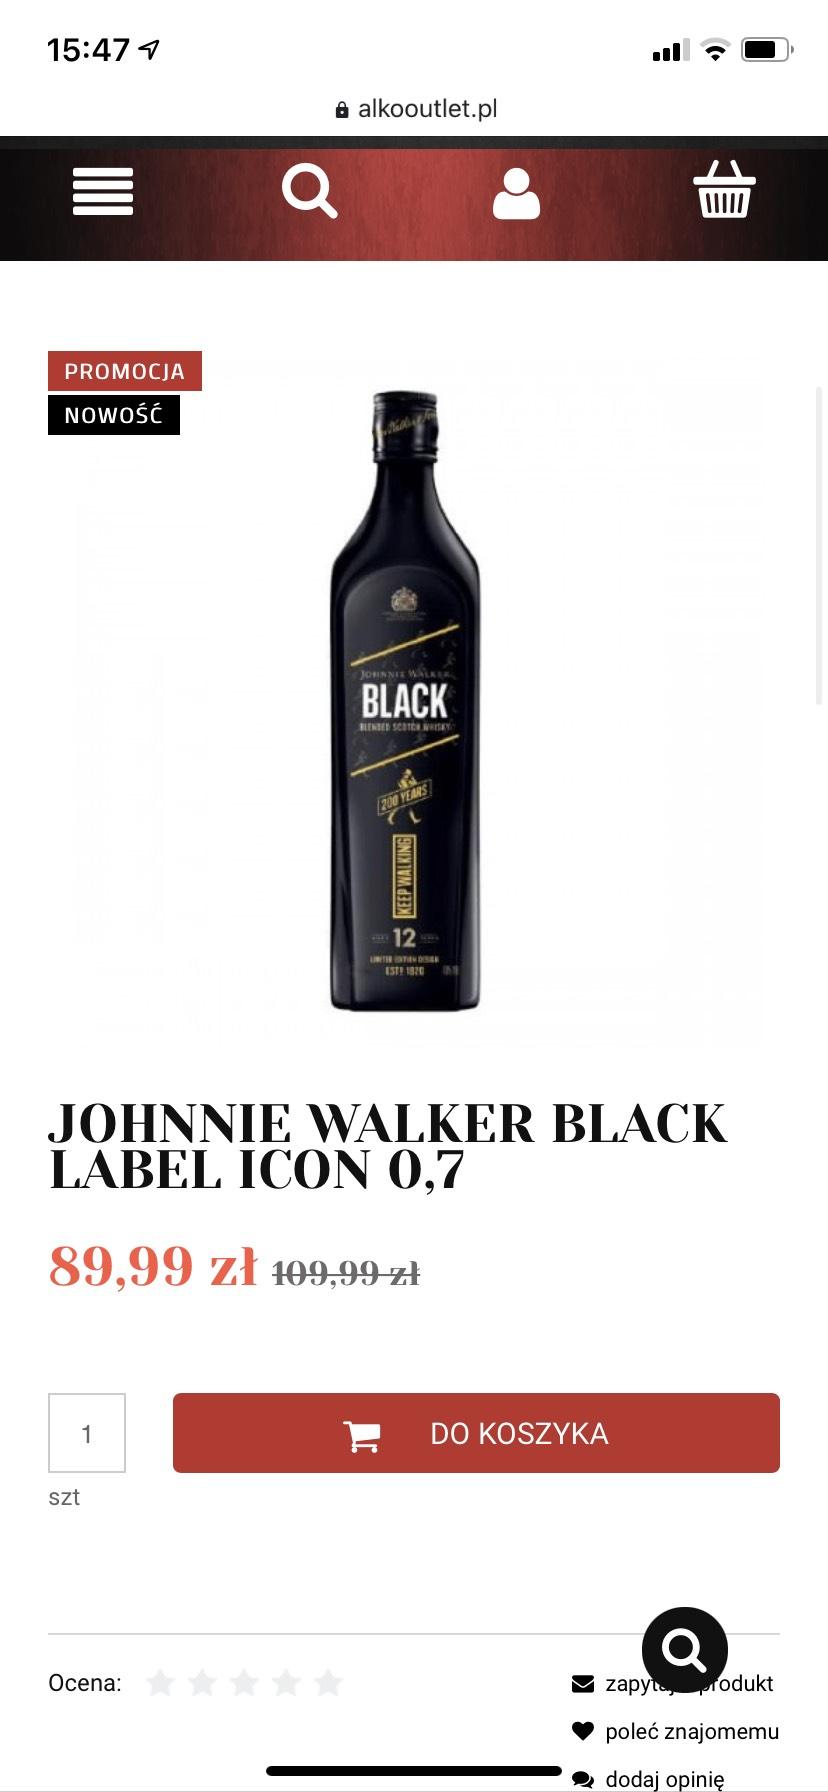 Limitowana edycja whisky Johnnie Walker Black label 0,7